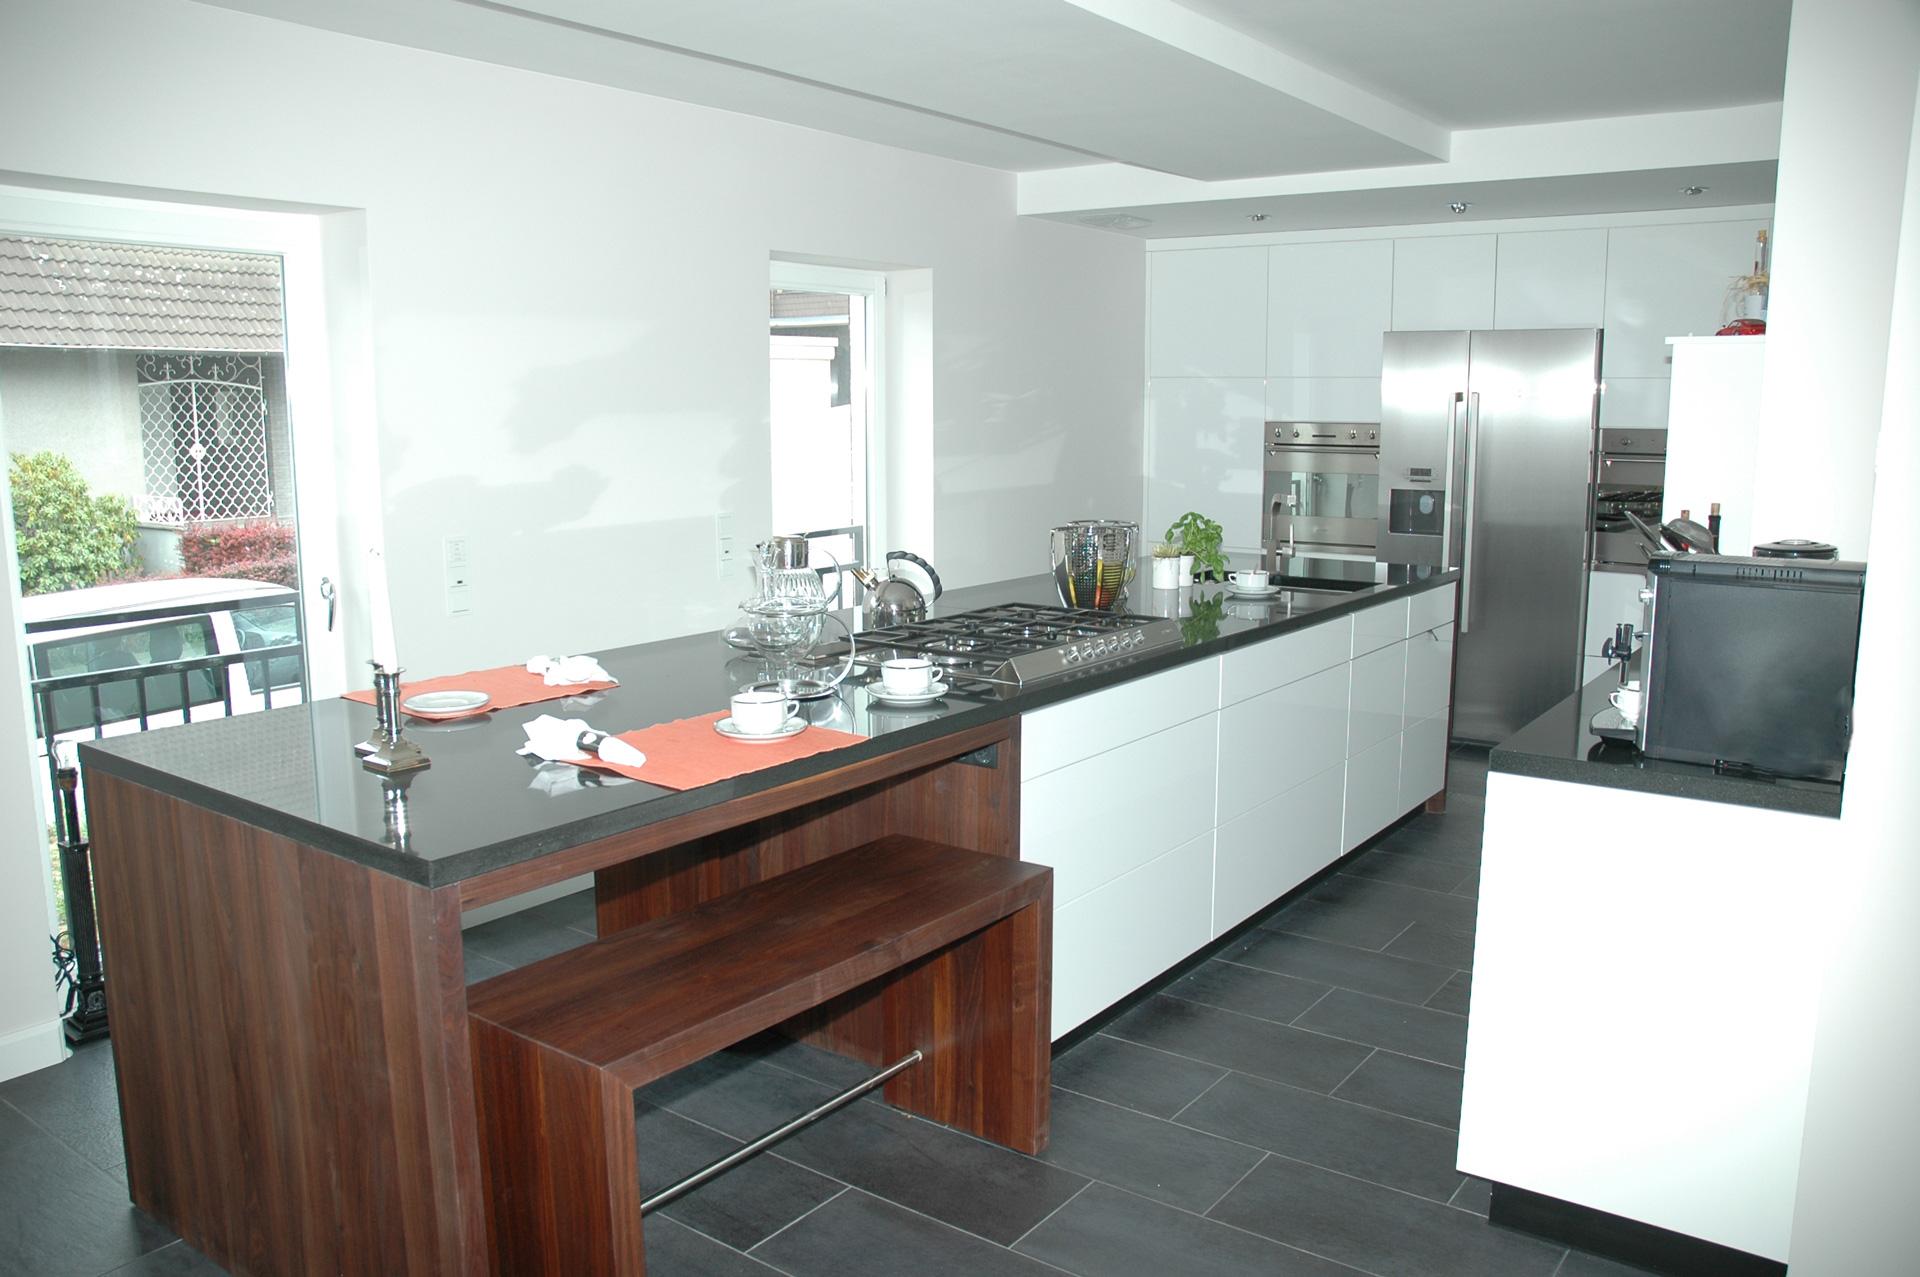 Küchen - Innenausbau & Tischlerei Marcus Herrmann